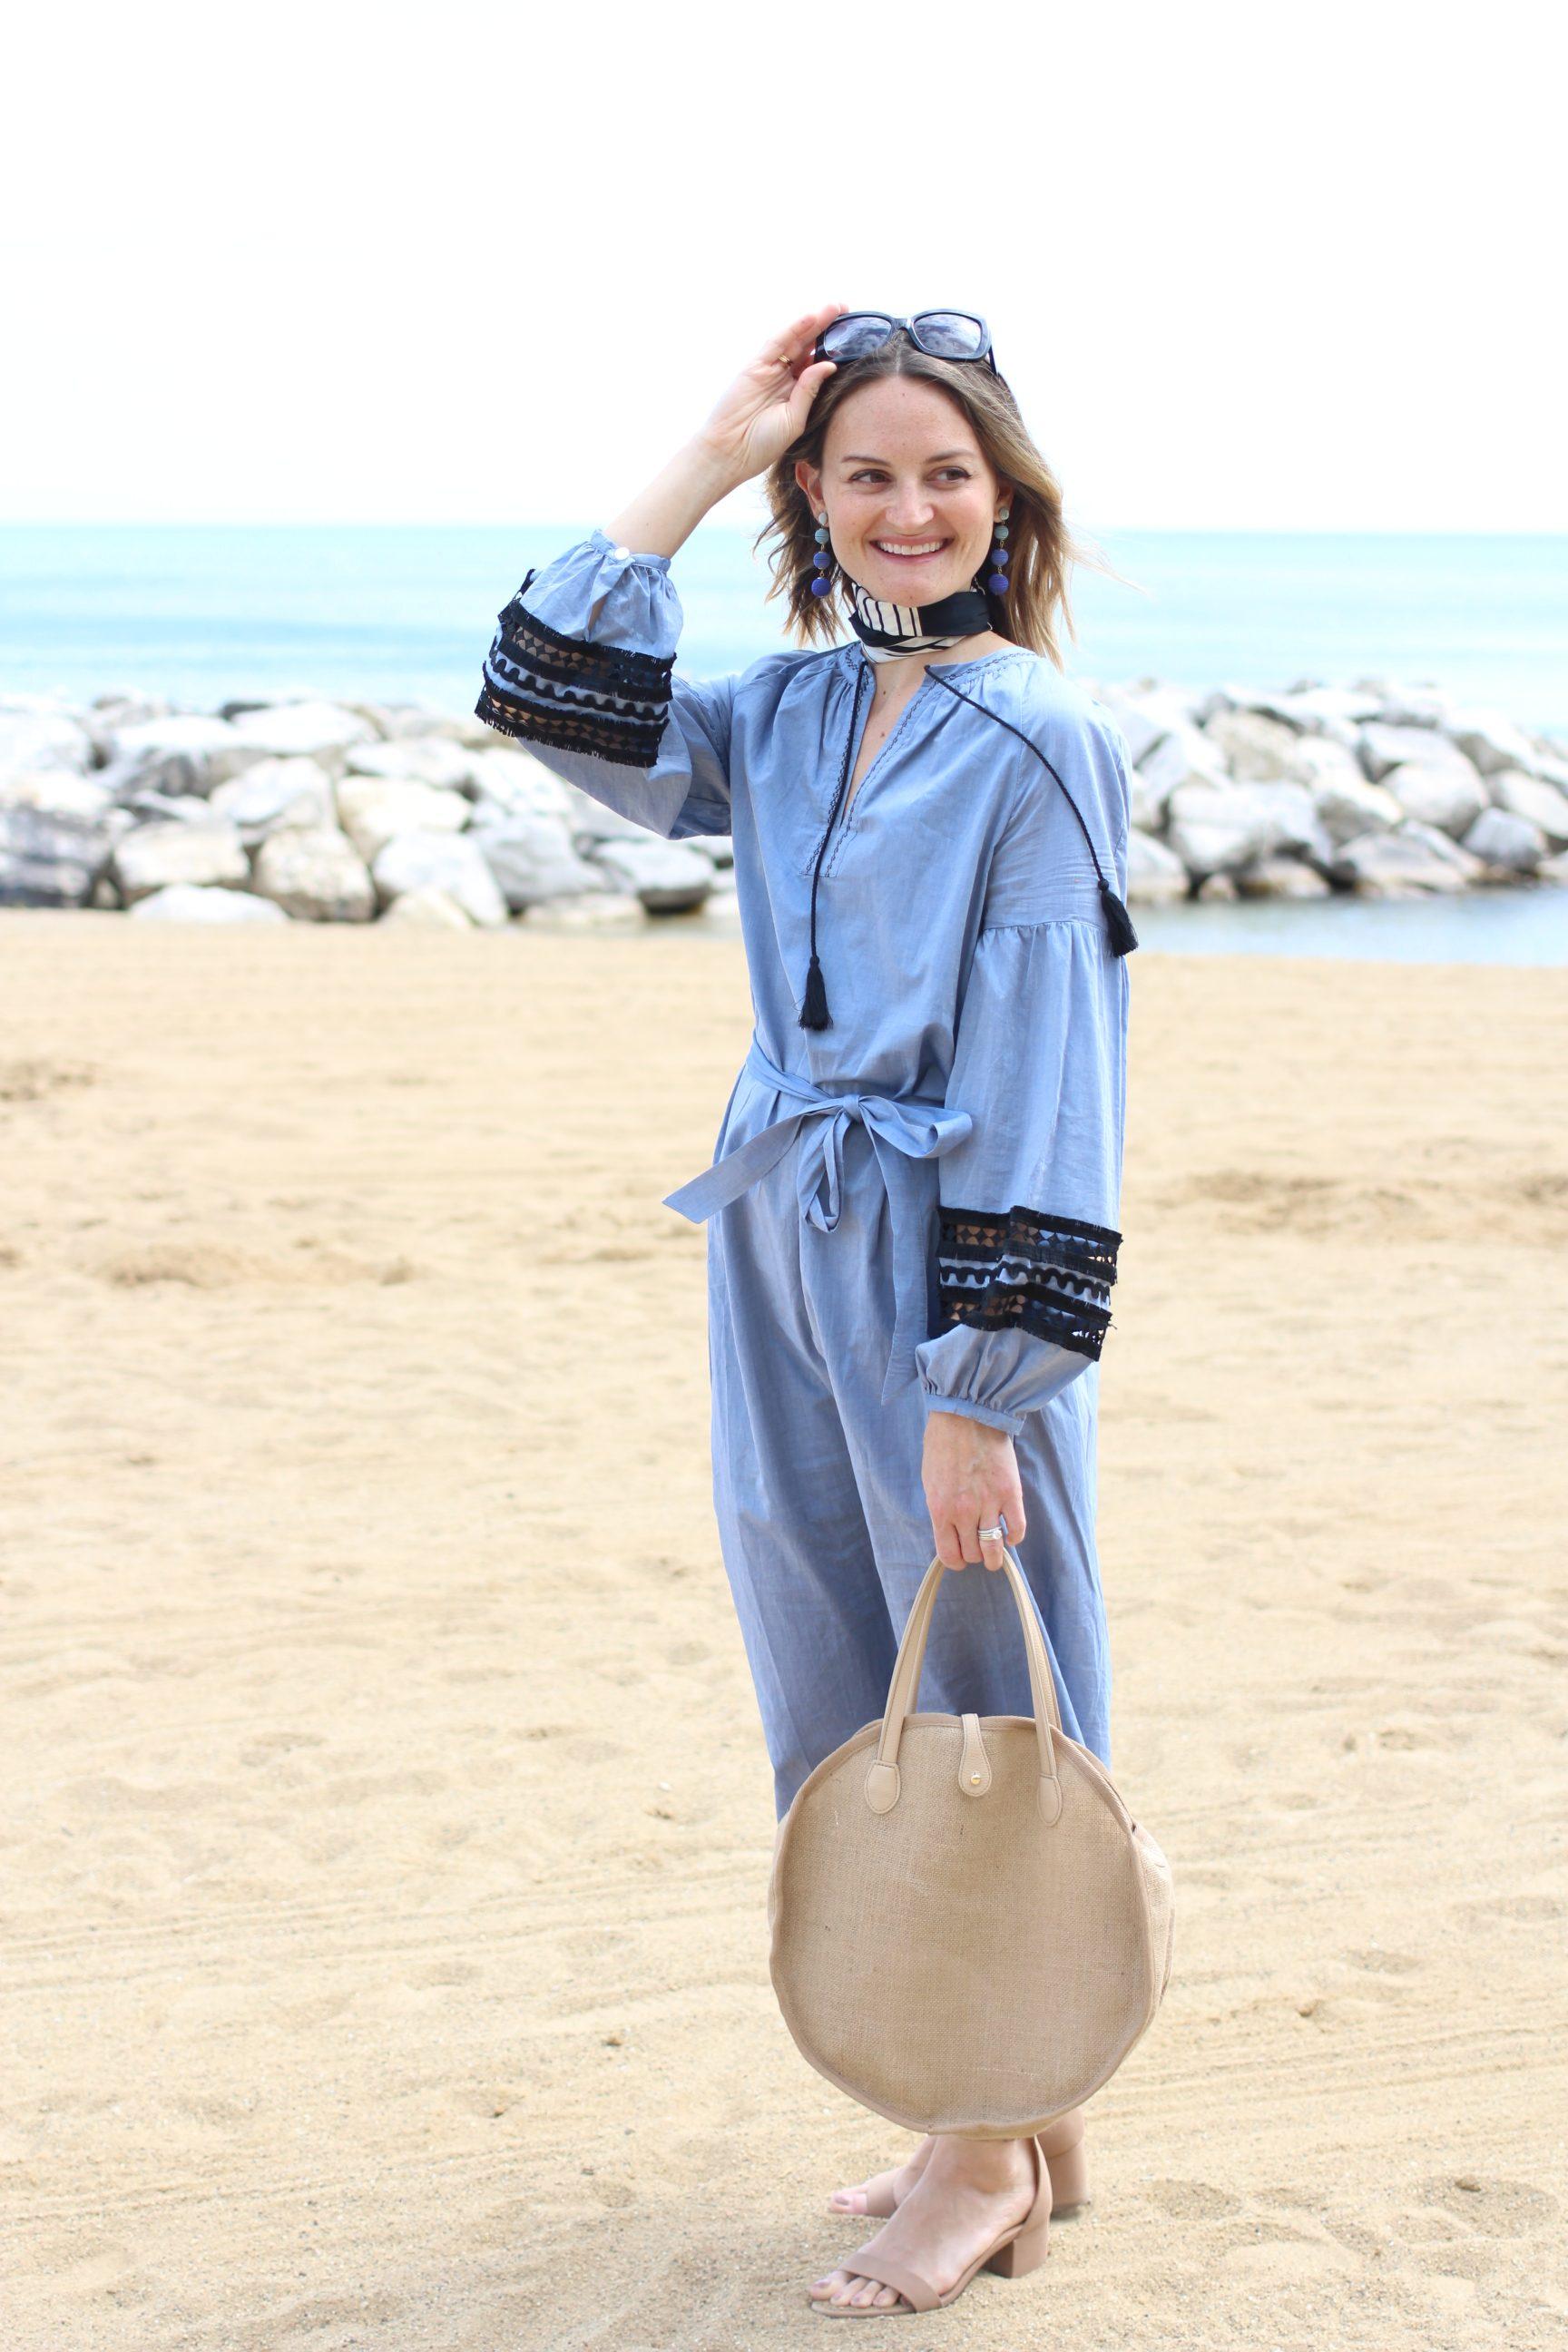 Summer dresses on sale at target